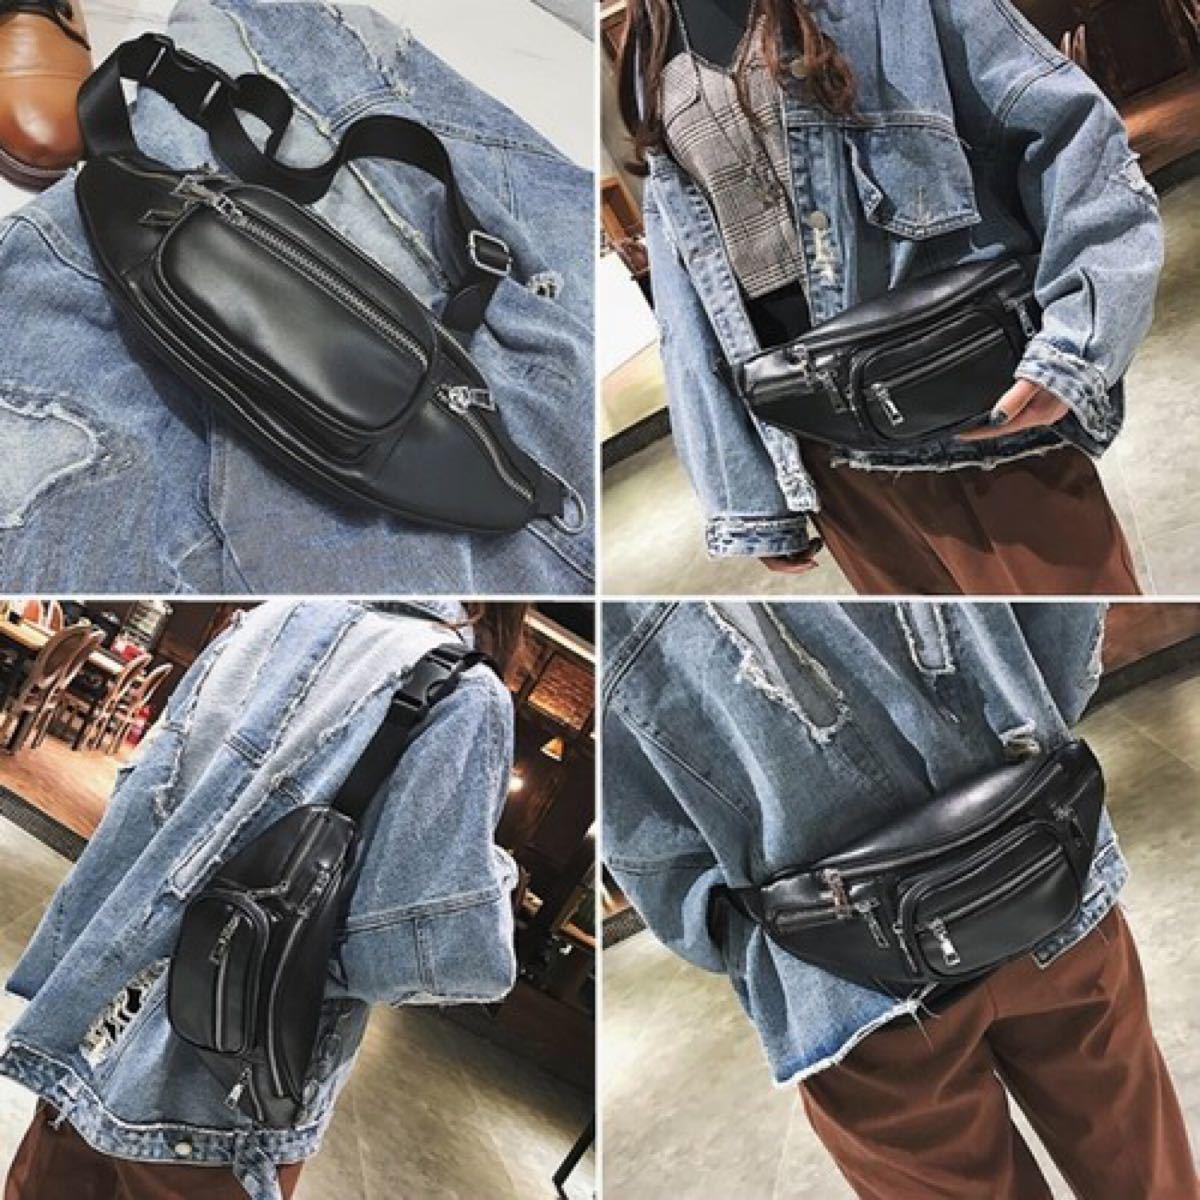 ボディバッグ3way ウエストポーチ 男女兼用 ポケット多め 黒 シンプル 鞄